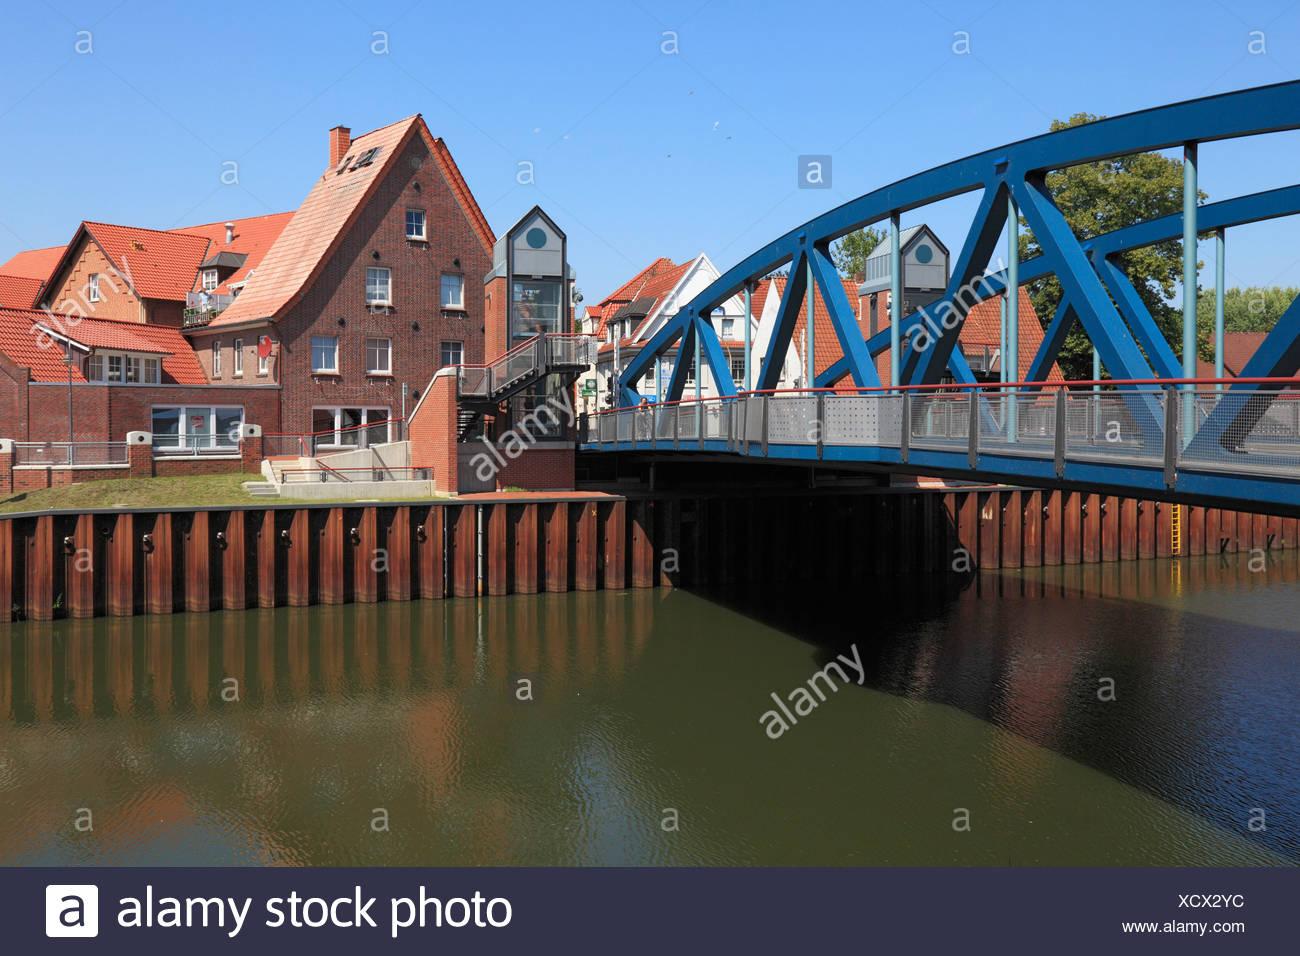 Heave bridge, bridge, Dortmund Ems canal, Hase, Meppen, Emsland, Lower Saxony, Germany, Europe - Stock Image